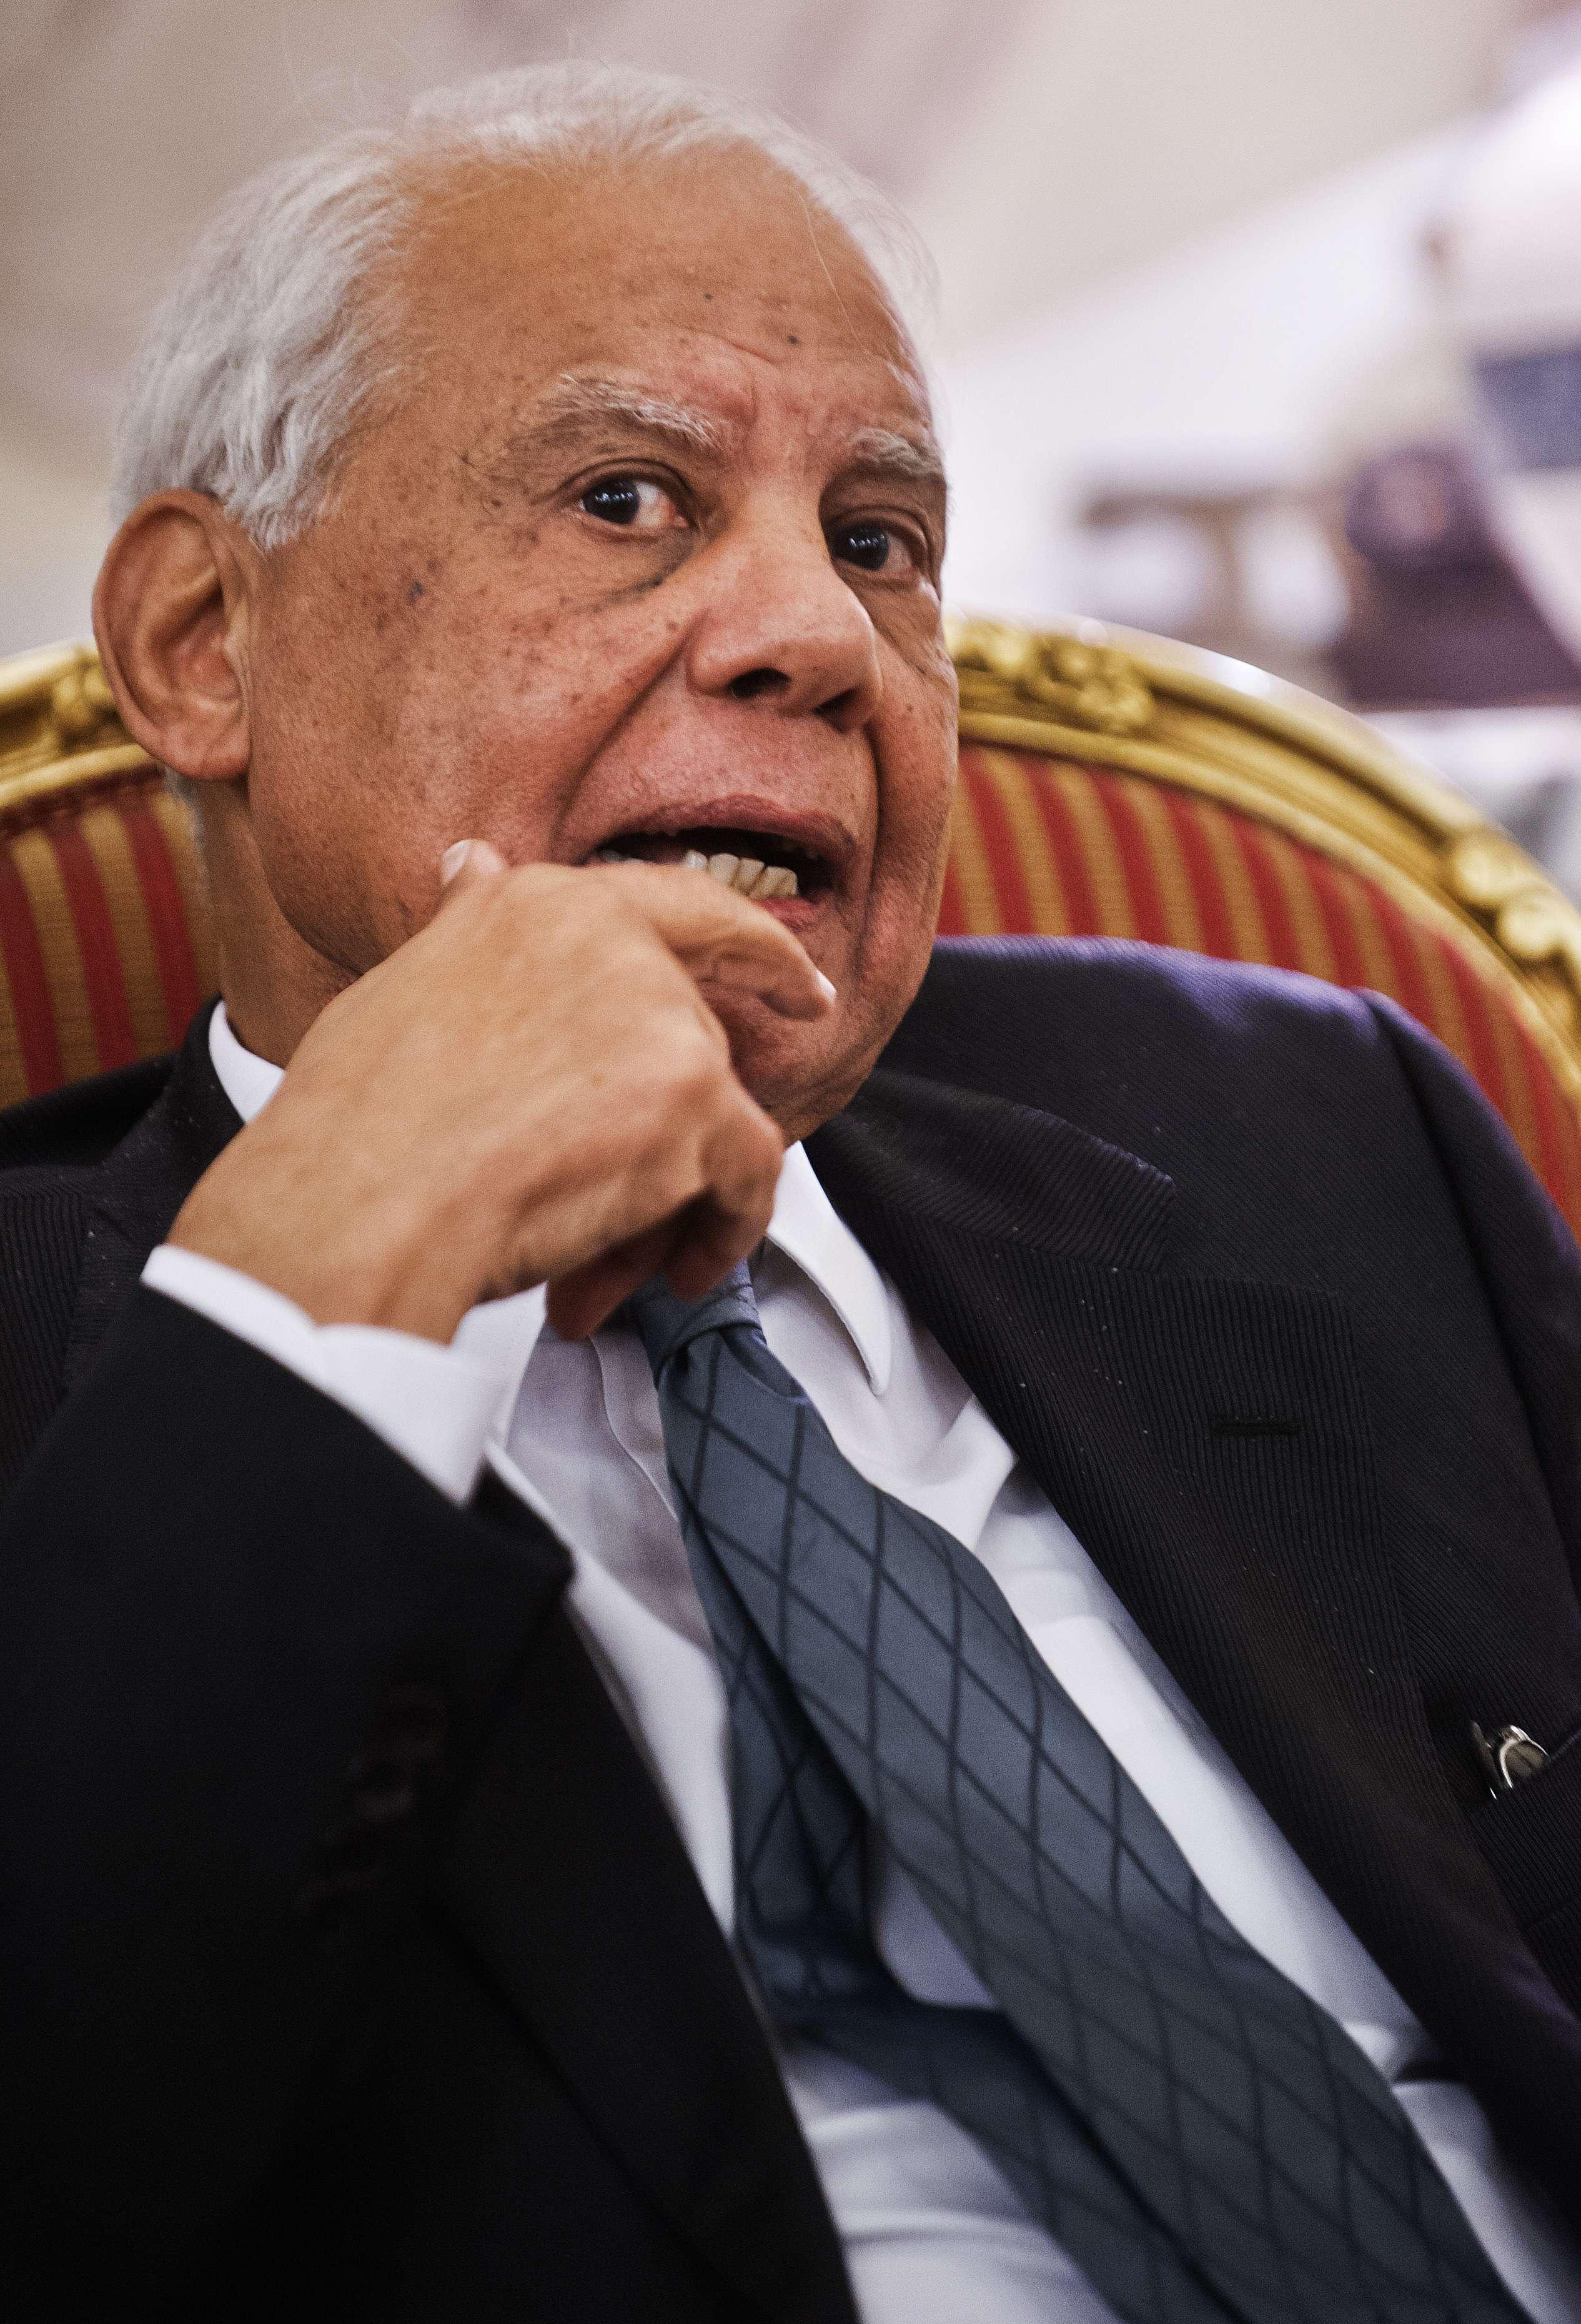 Prime Minister Hazem El-Beblawi (AFP PHOTO/GIANLUIGI GUERCIA)